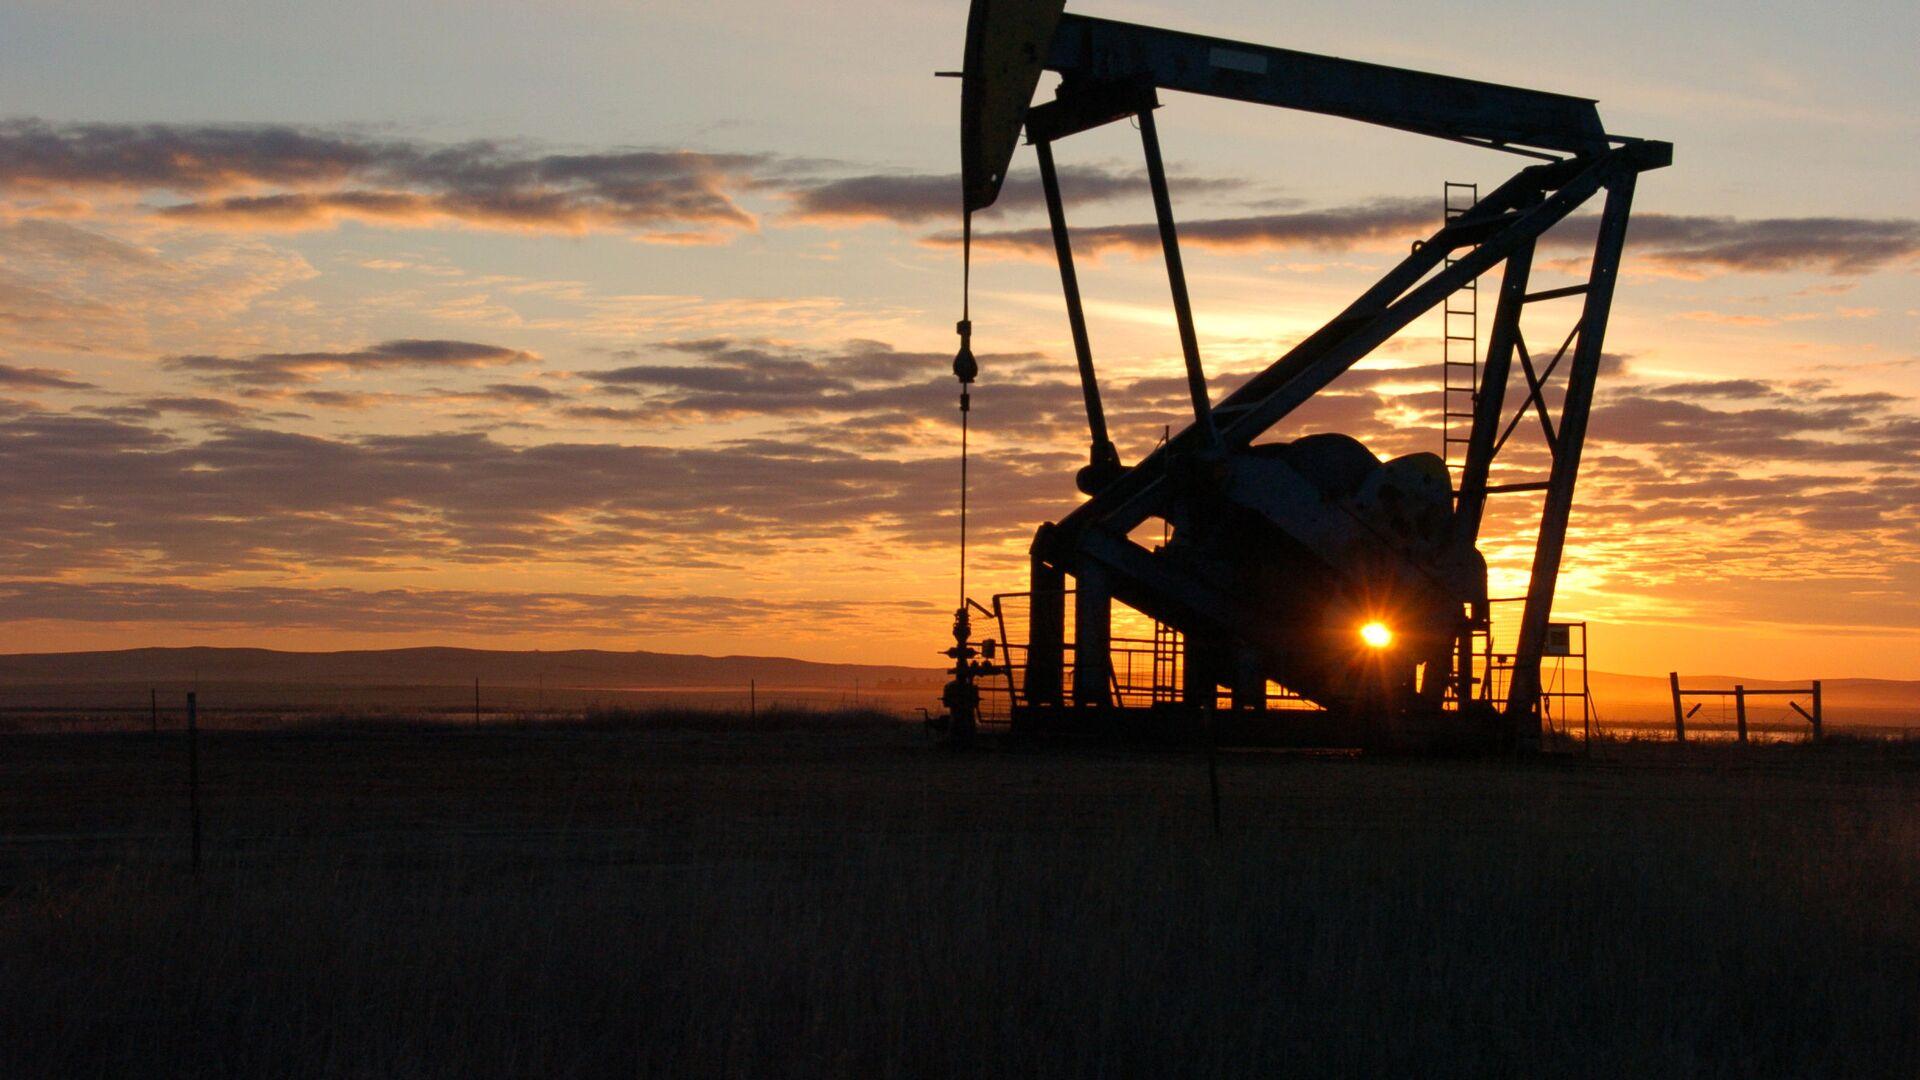 Нефтяной насос на закате, архивное фото  - Sputnik Таджикистан, 1920, 19.03.2021